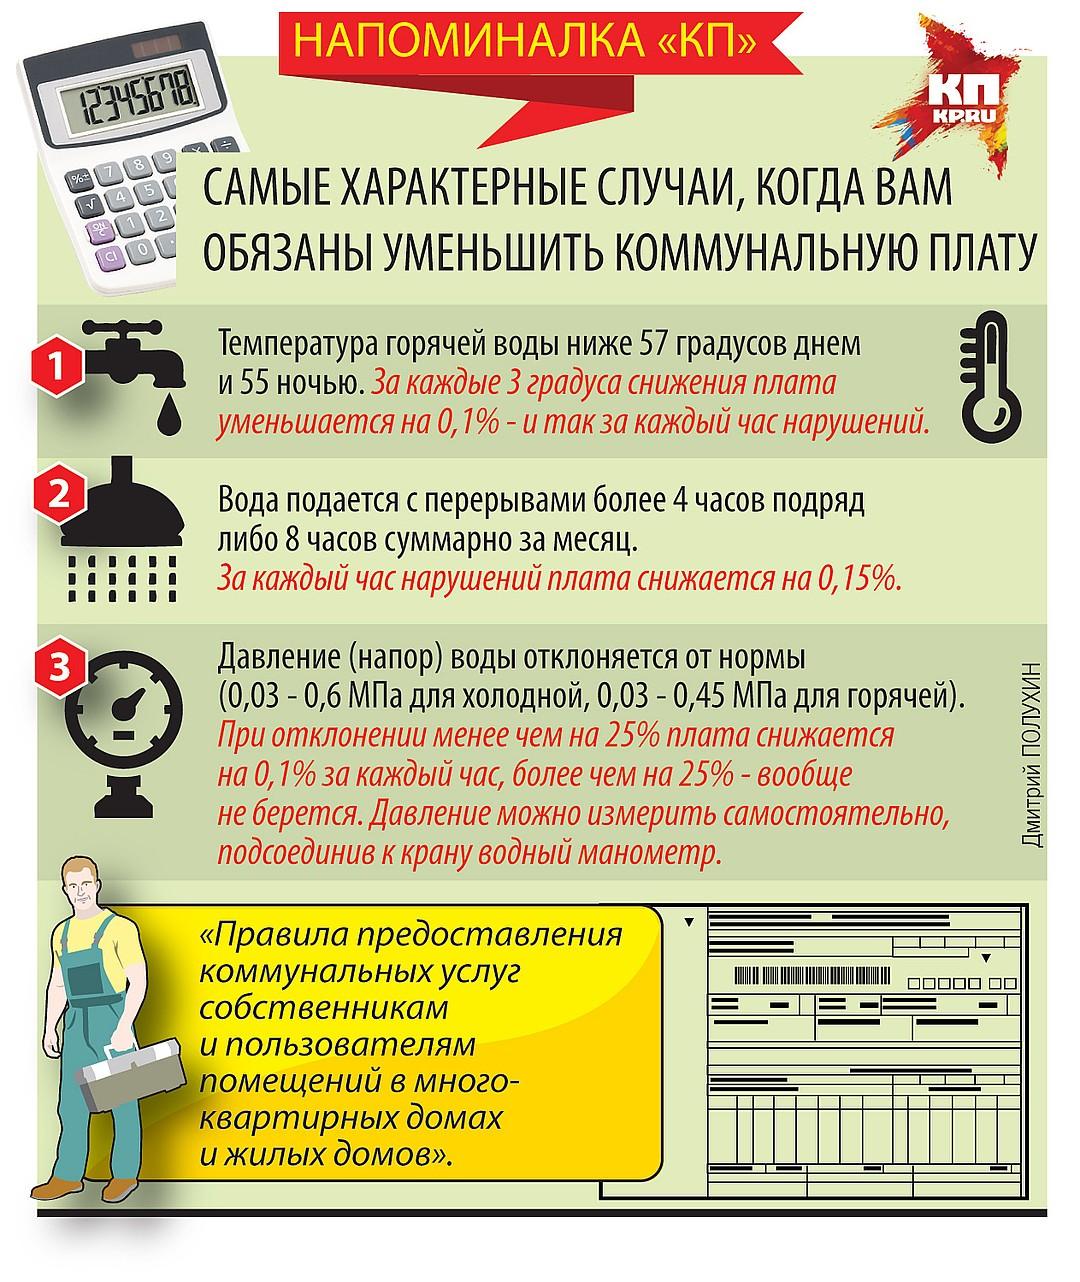 Температура воды в системе горячего водоснабжения: нормативы и перерасчет оплаты